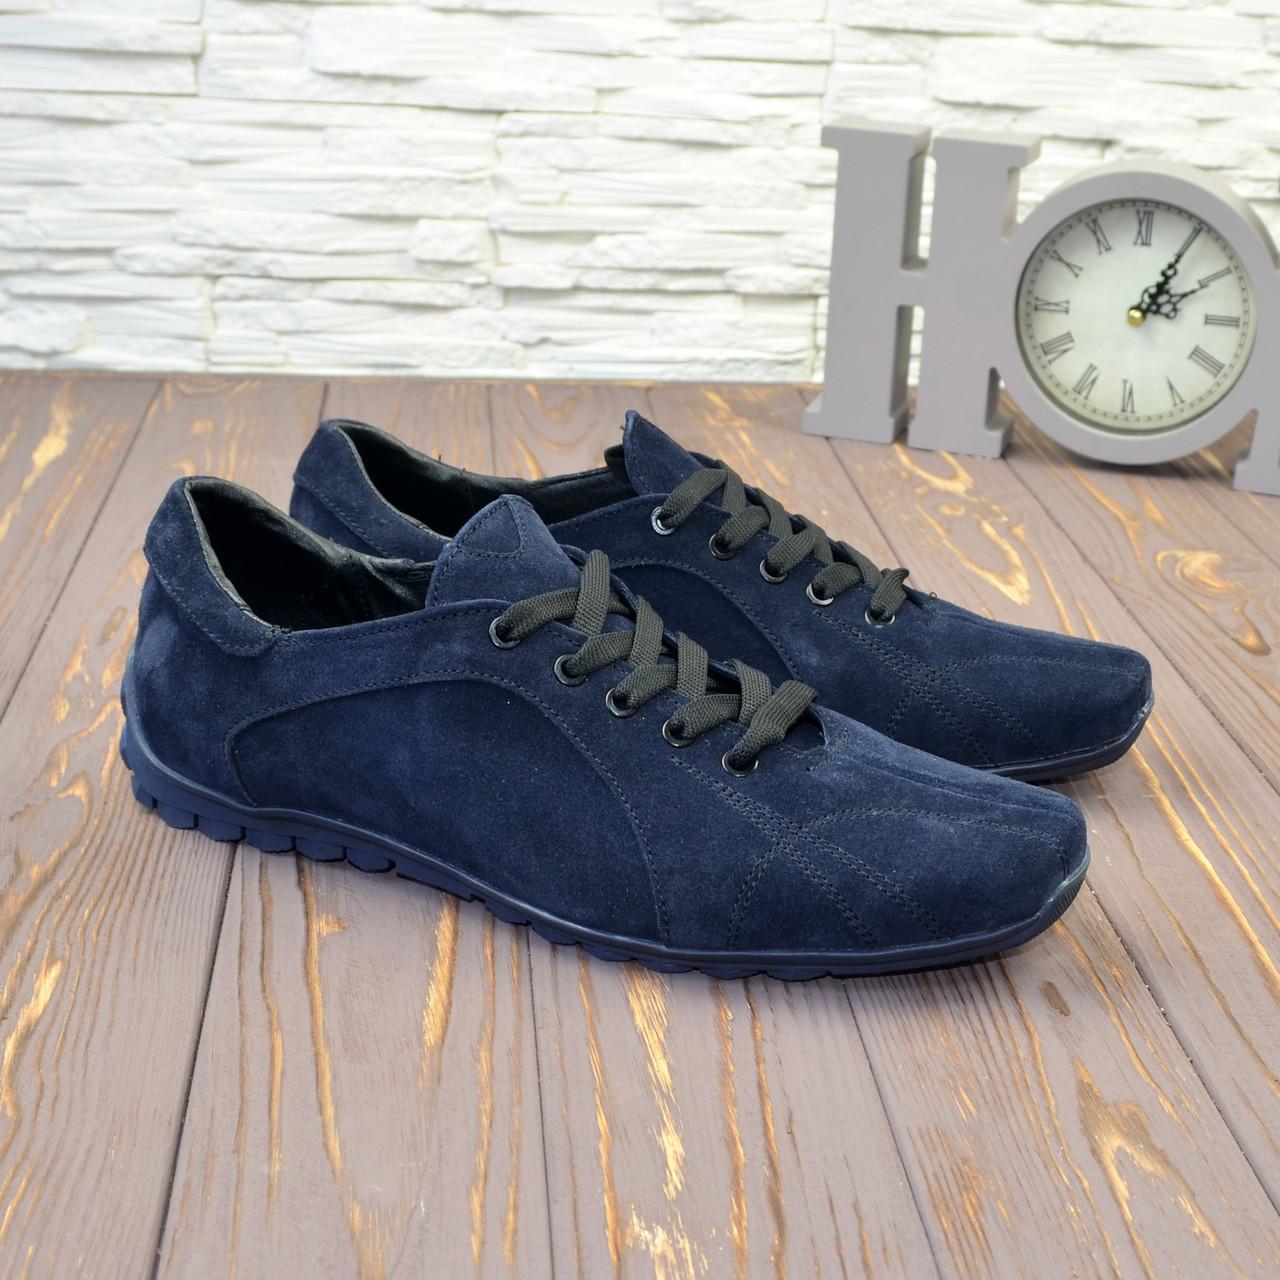 Туфли мужские замшевые на шнуровке, цвет синий